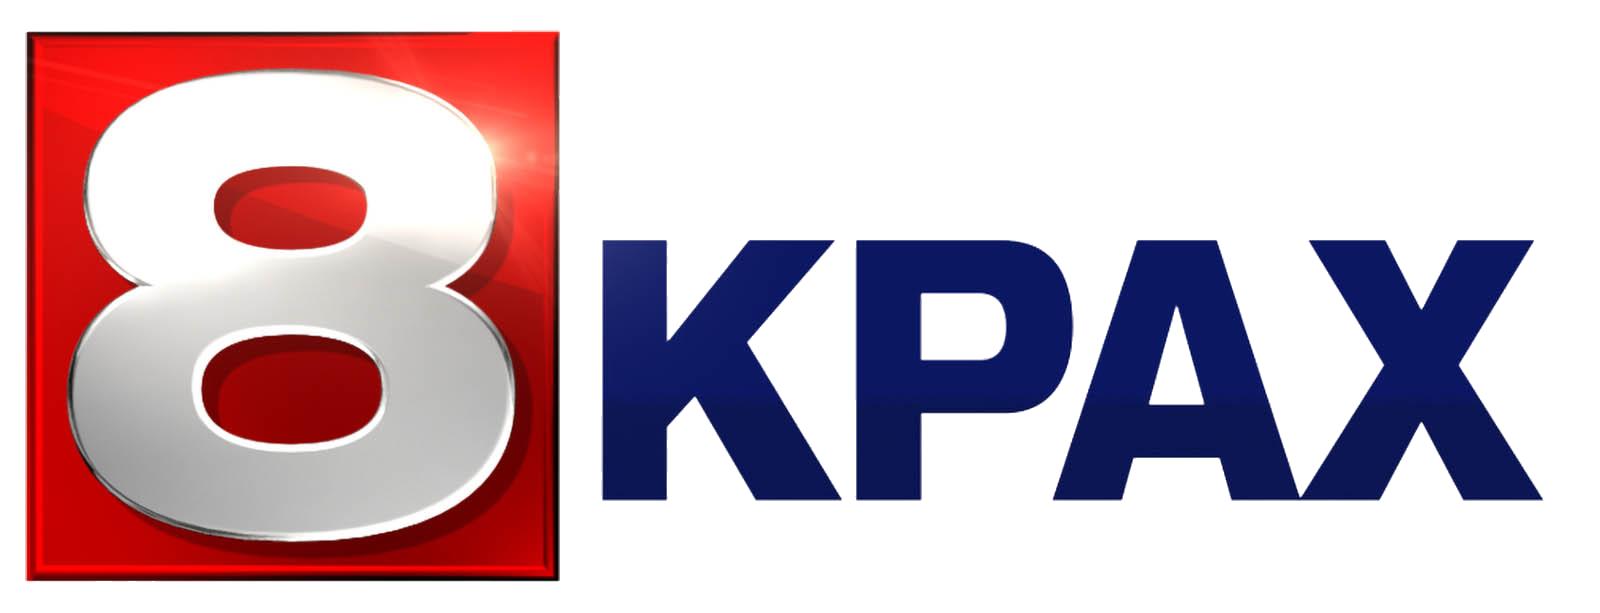 KPAX News Logo